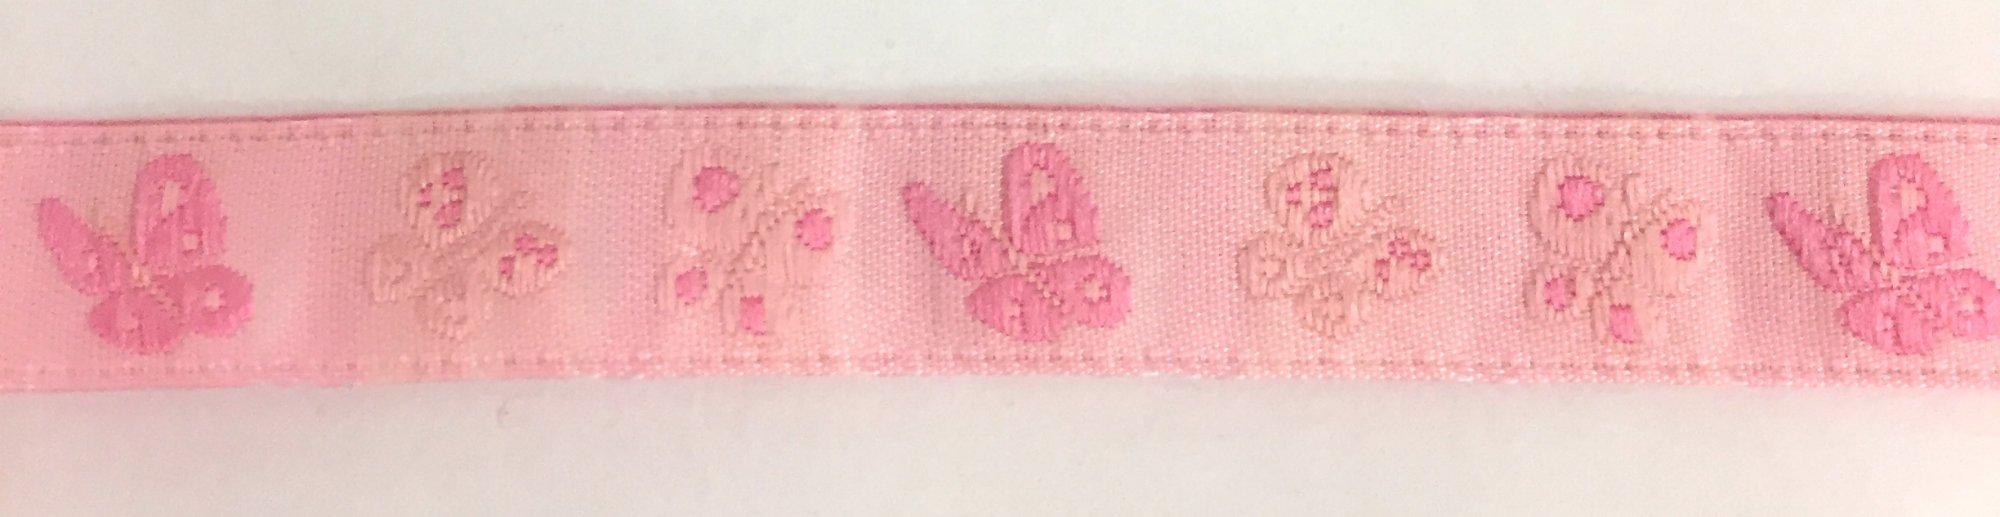 1/2 inch- Pink Butterflies